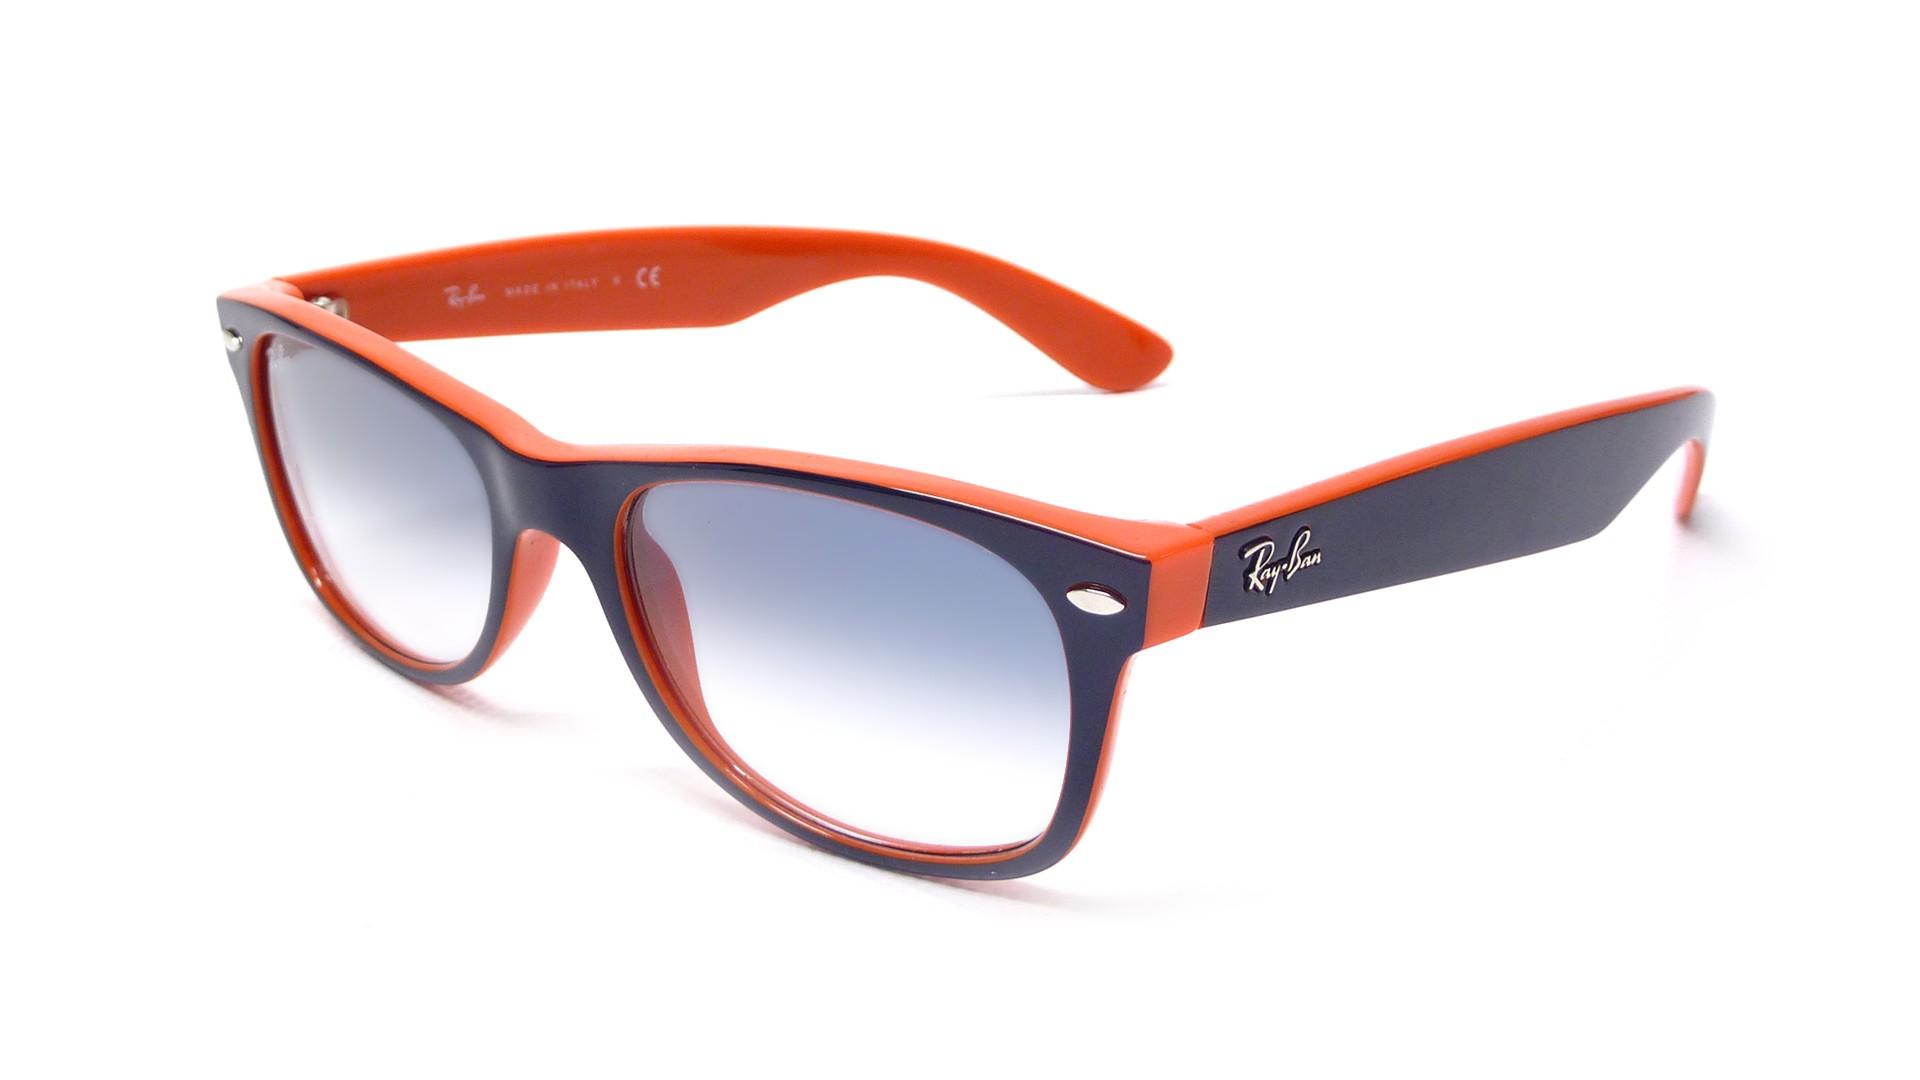 ray ban new wayfarer orange rb2132 789 3f 52 18 visiofactory. Black Bedroom Furniture Sets. Home Design Ideas